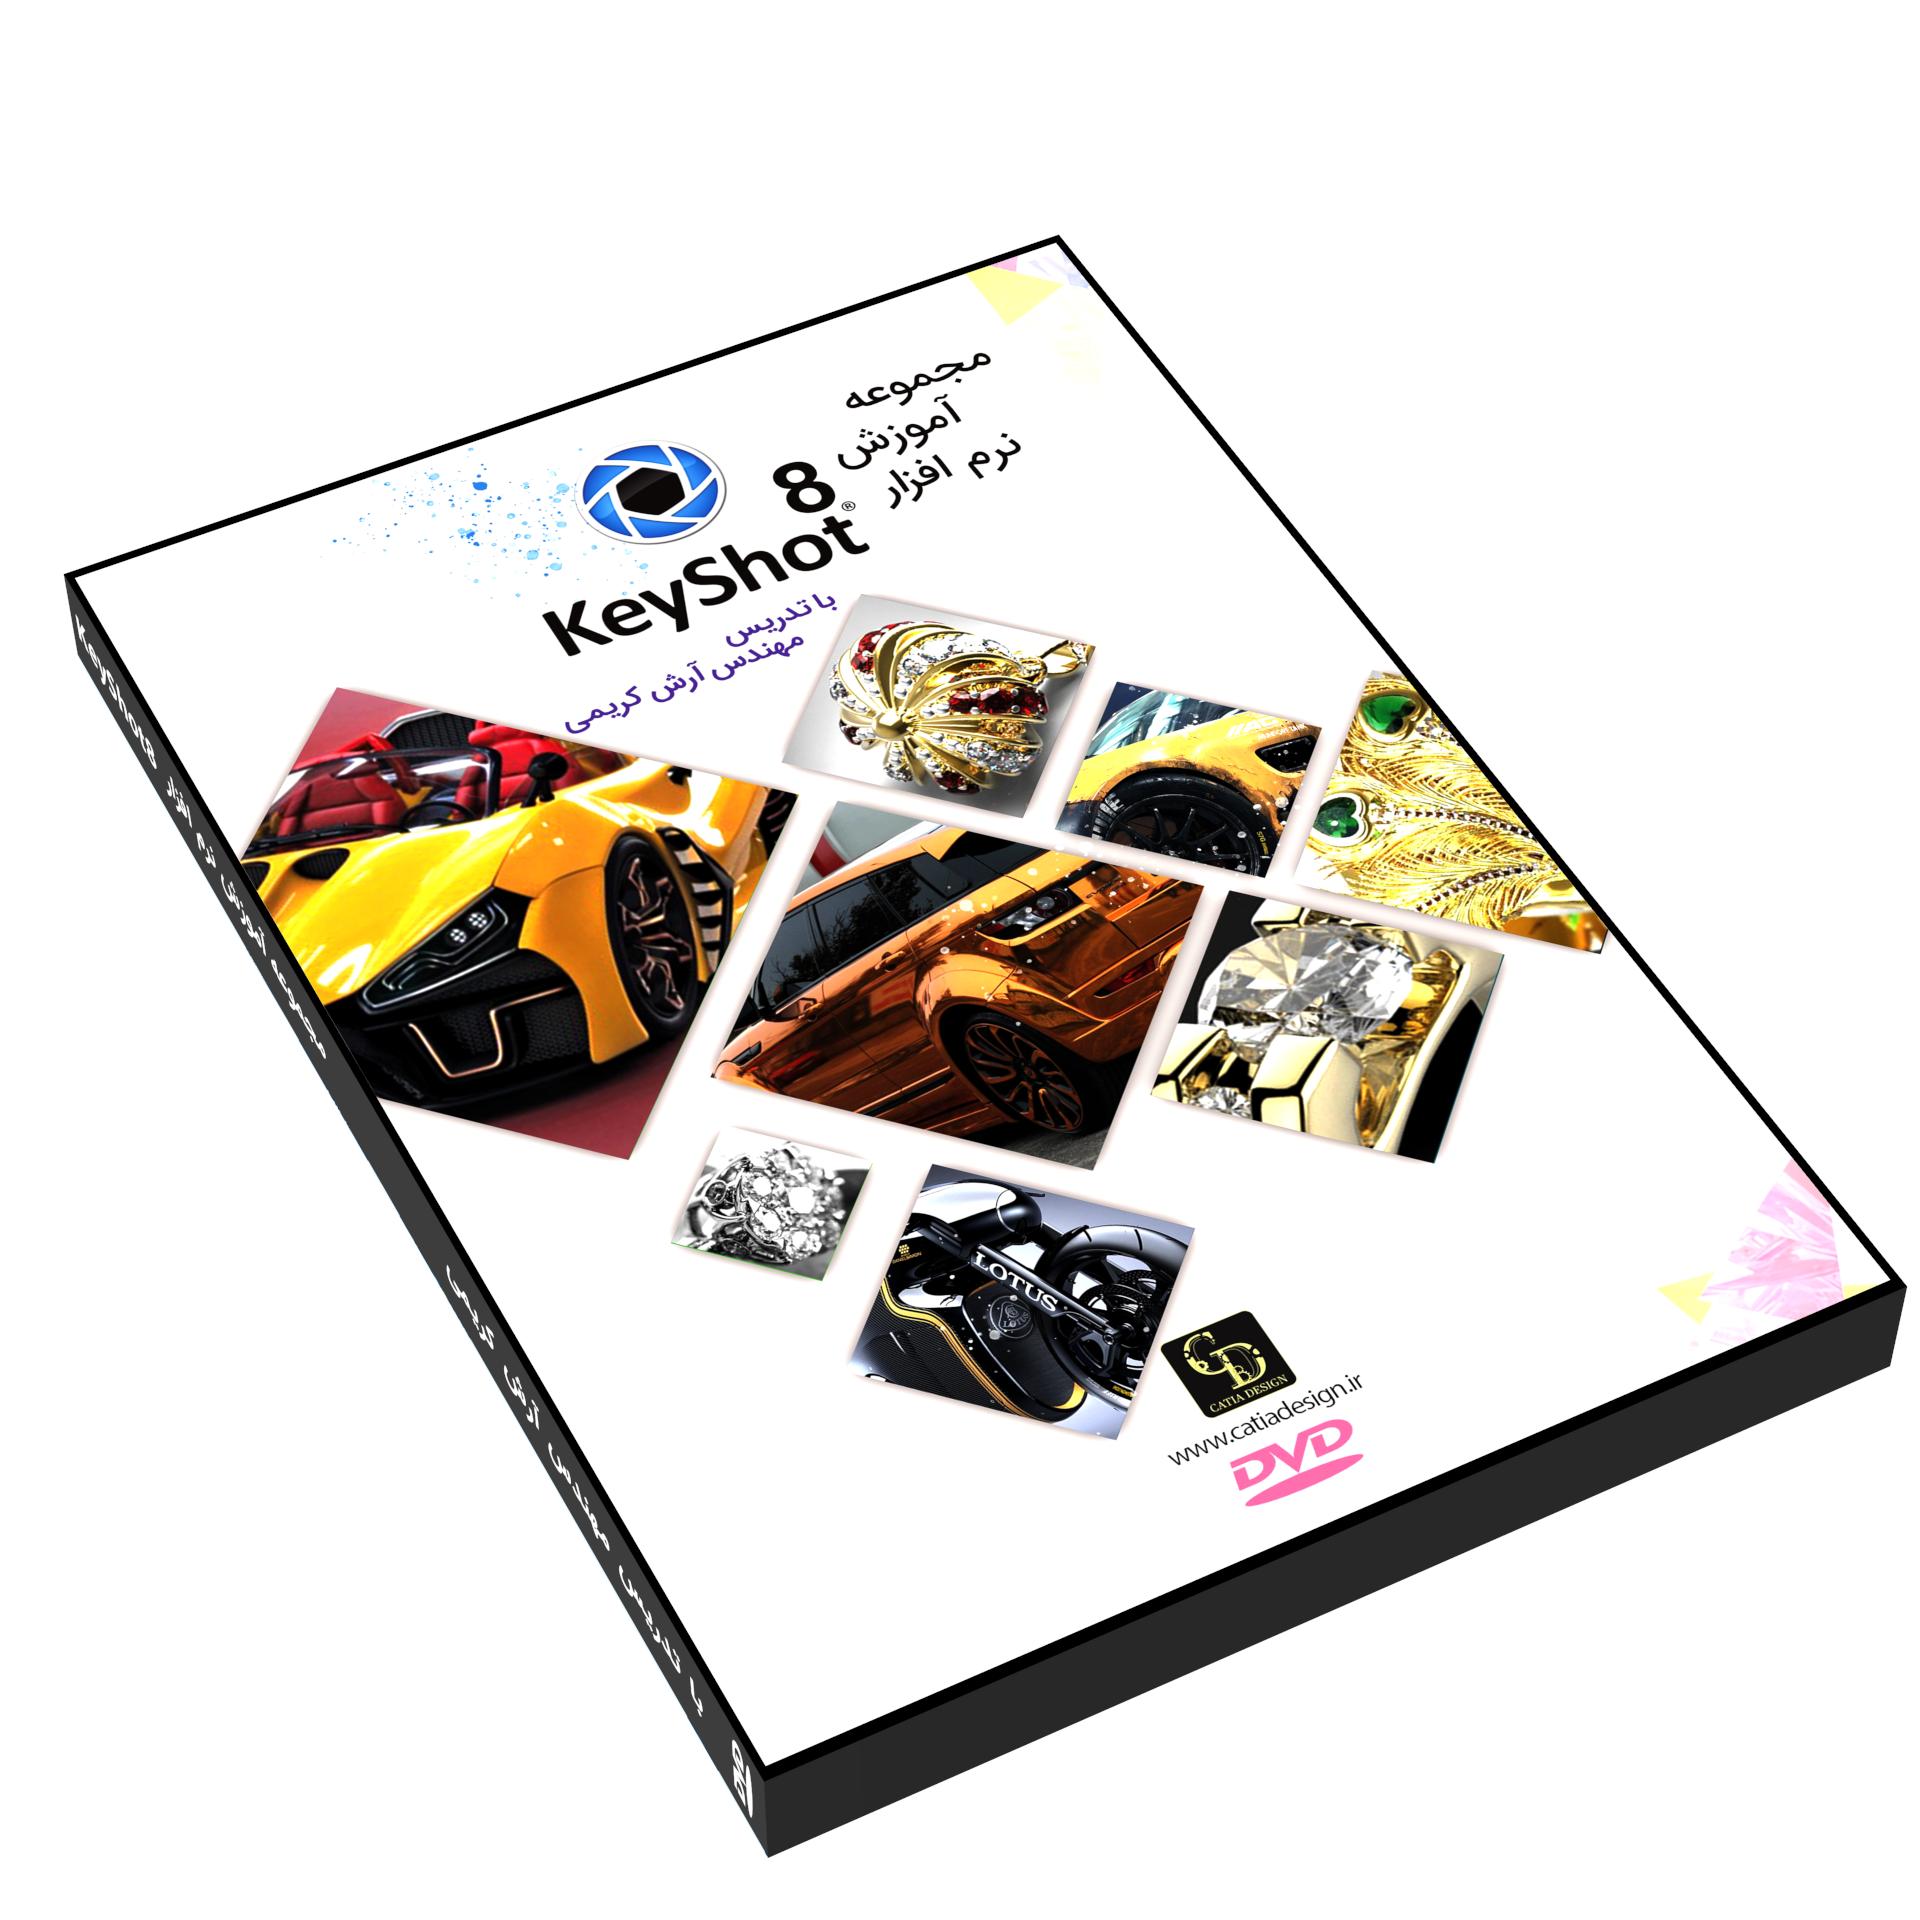 آموزش نرم افزار کی شات keyshot